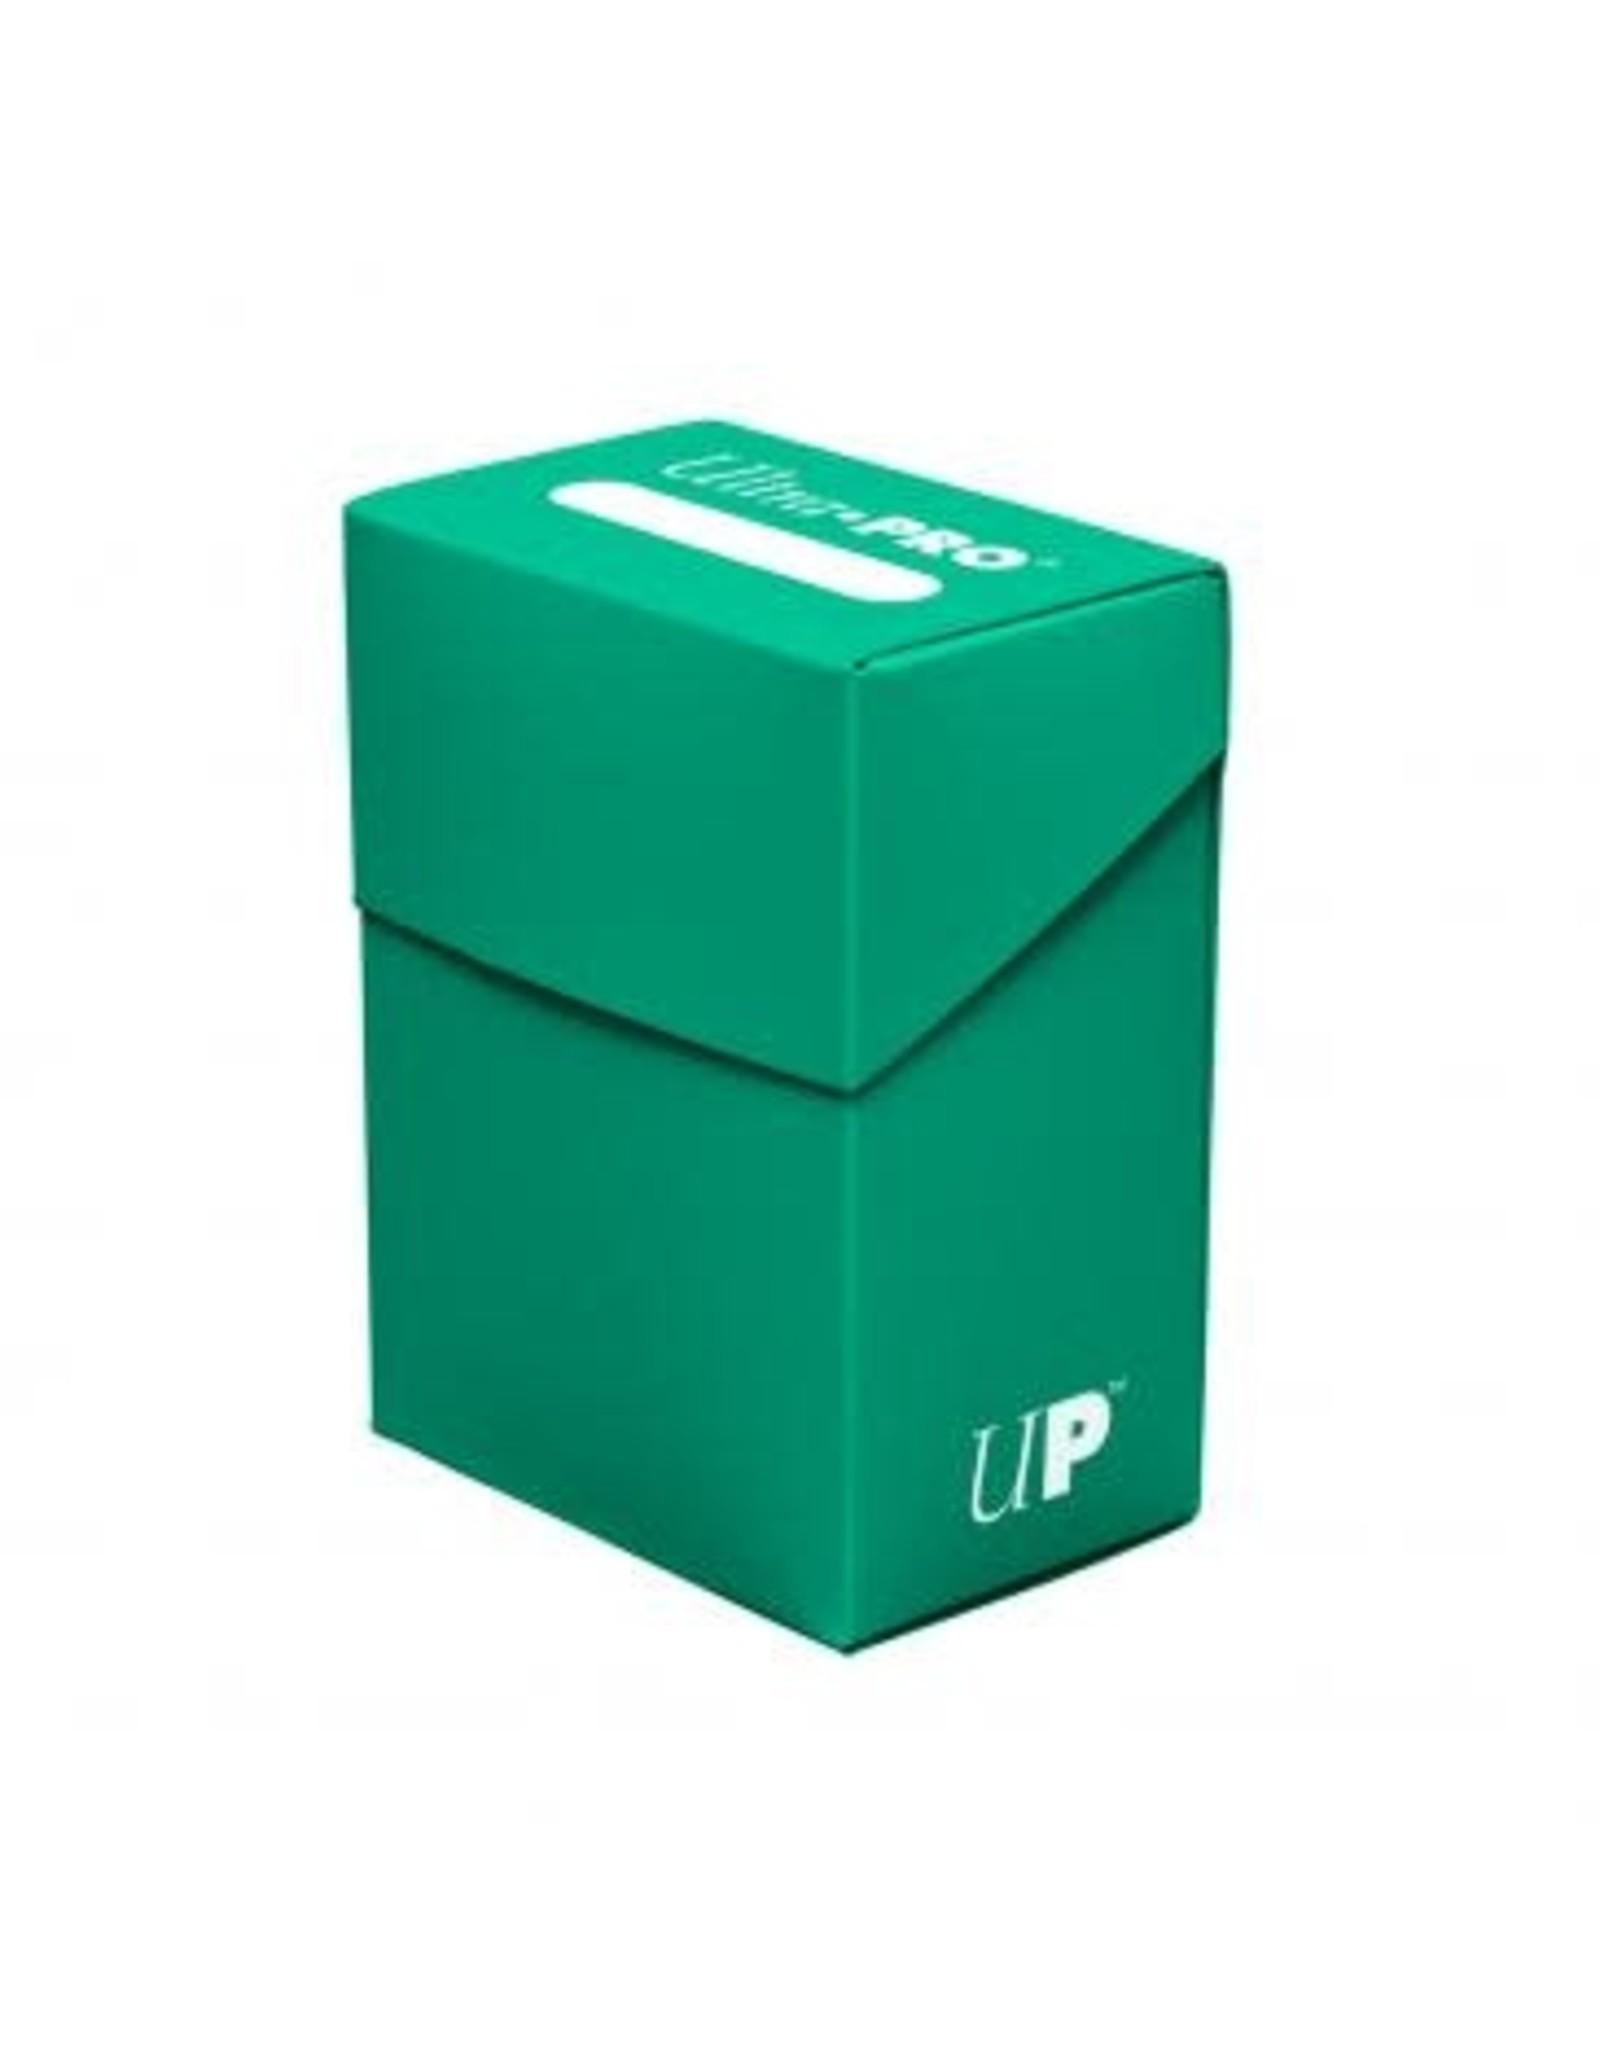 ULTRA PRO ULTRA PRO DECK BOX SOLID AQUA